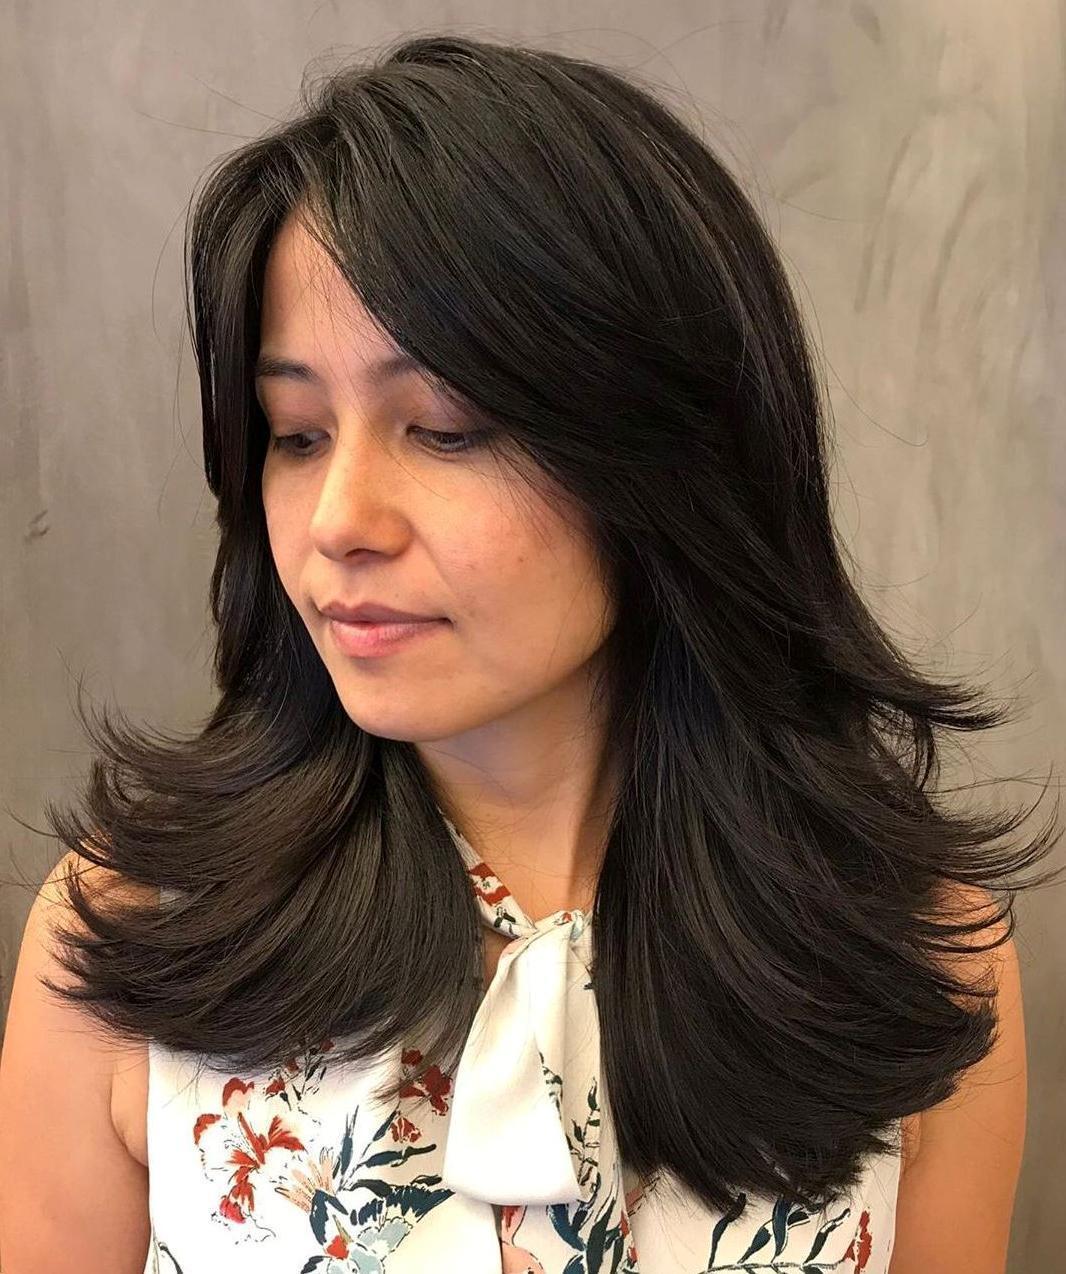 Taglio di capelli da donna lungo con estremità piumate